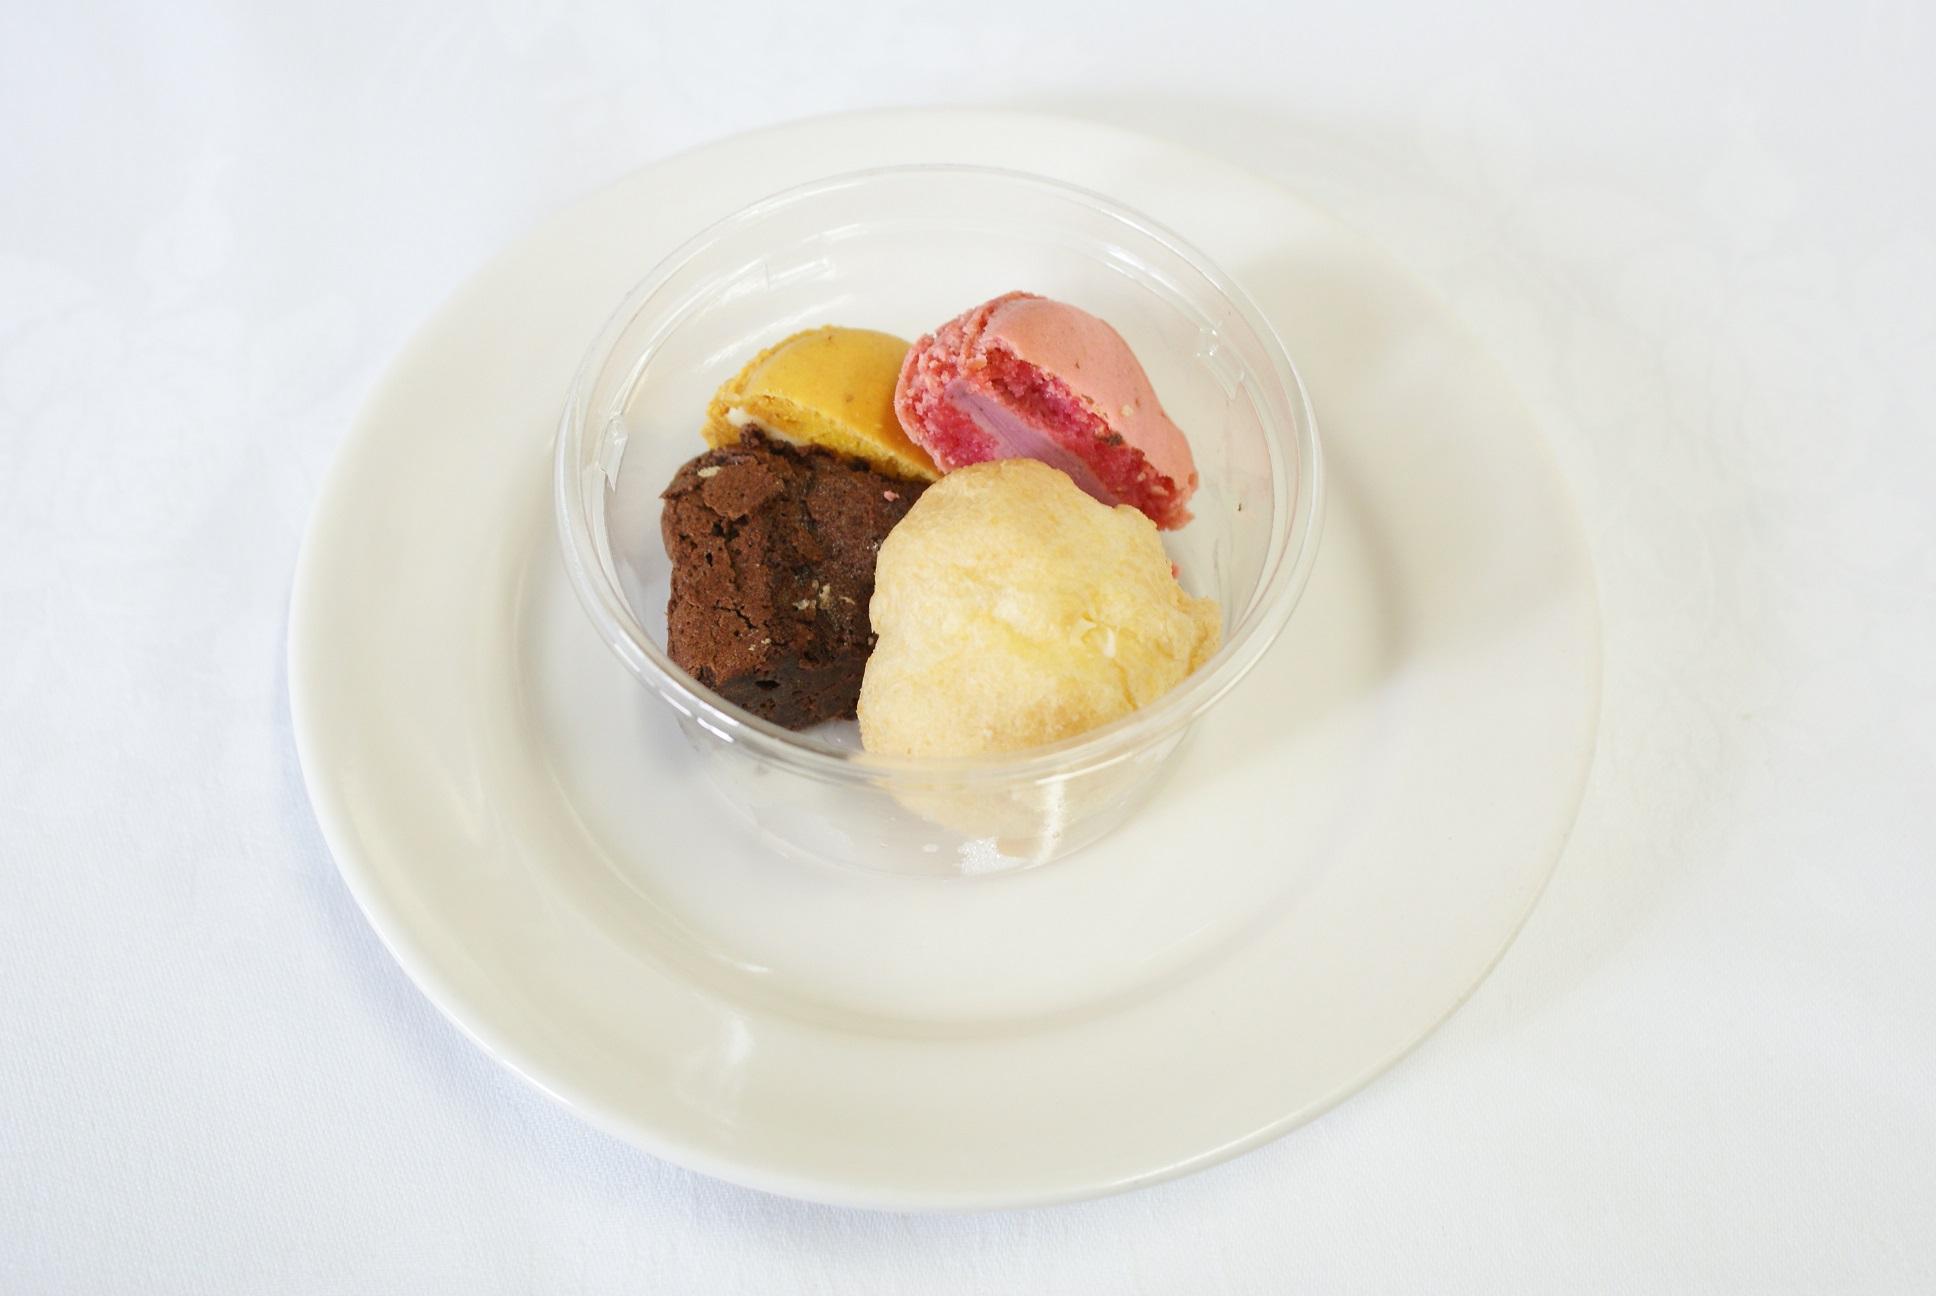 【完全個別包装のカップオードヴル】牛肉のソテーとフォアグラのロッシーニ風 と選べるカップオードヴル画像19